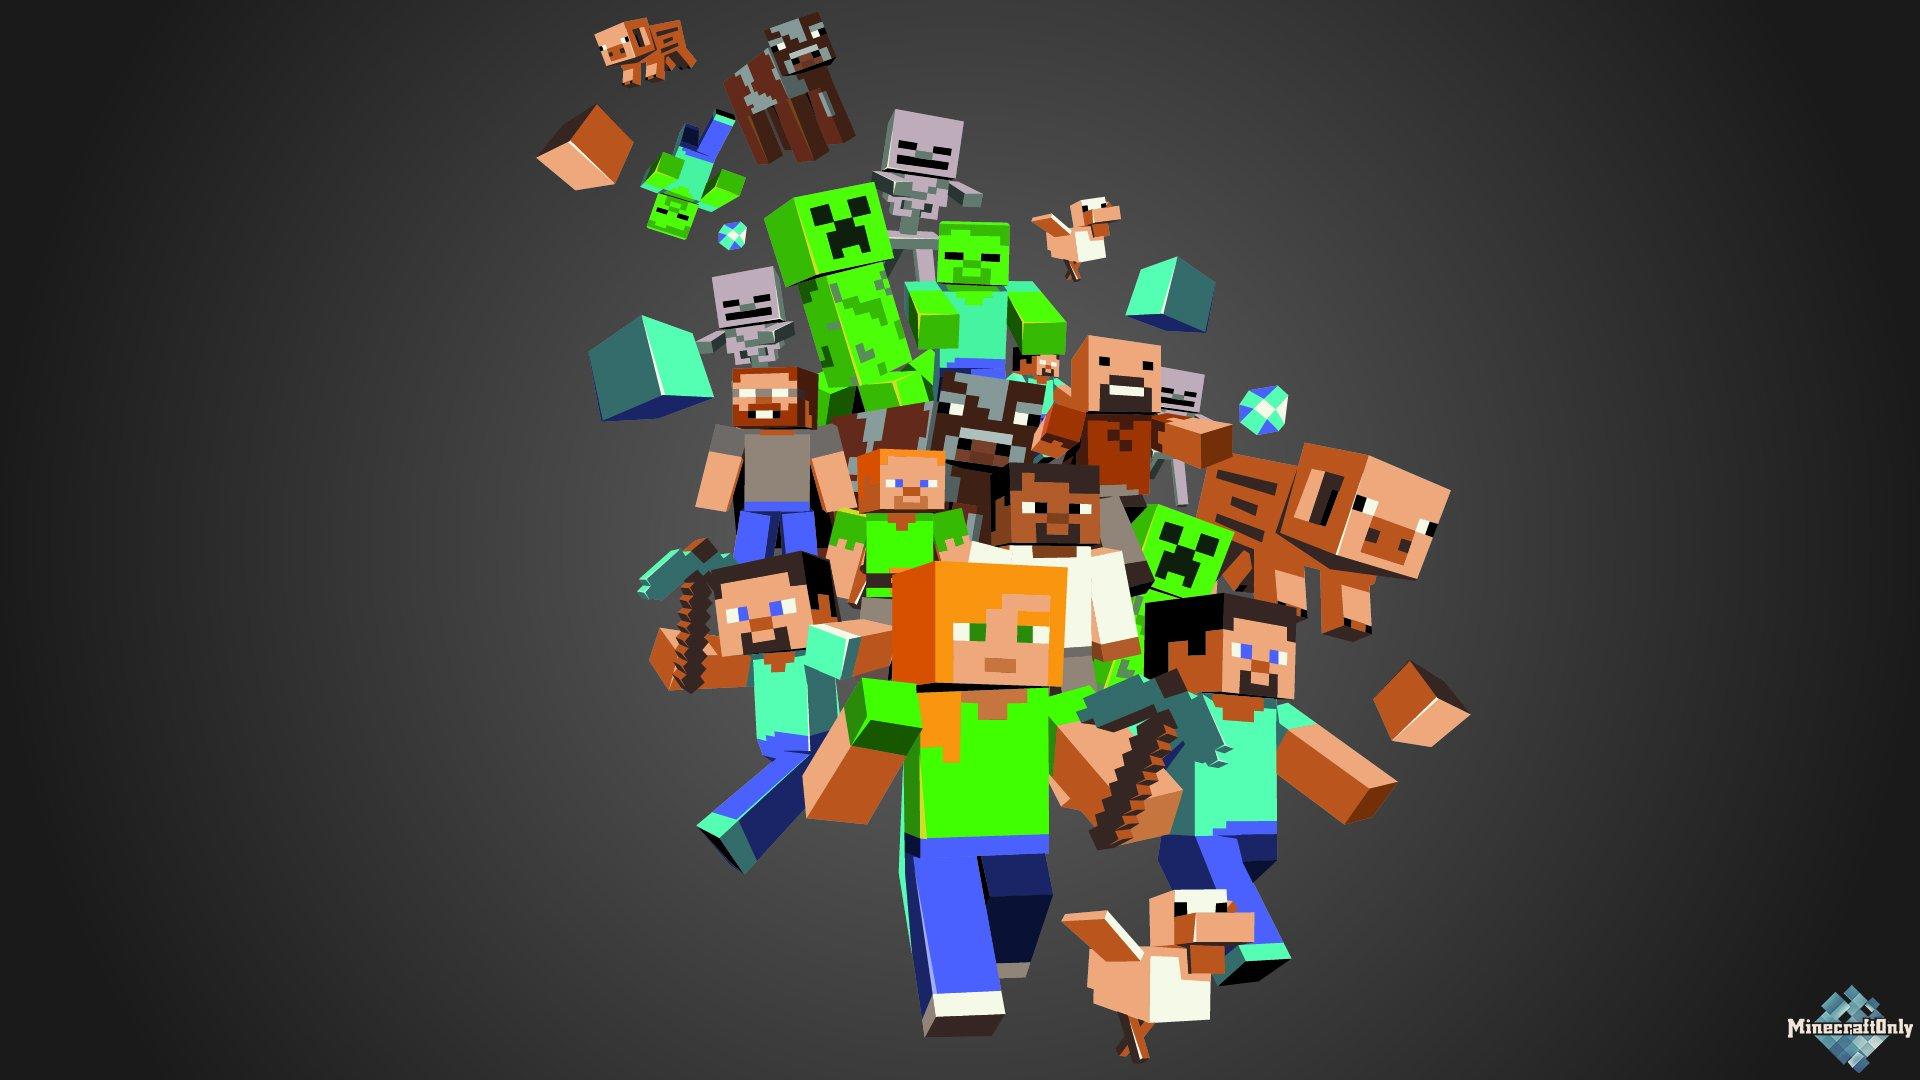 картинки minecraft на рабочий стол